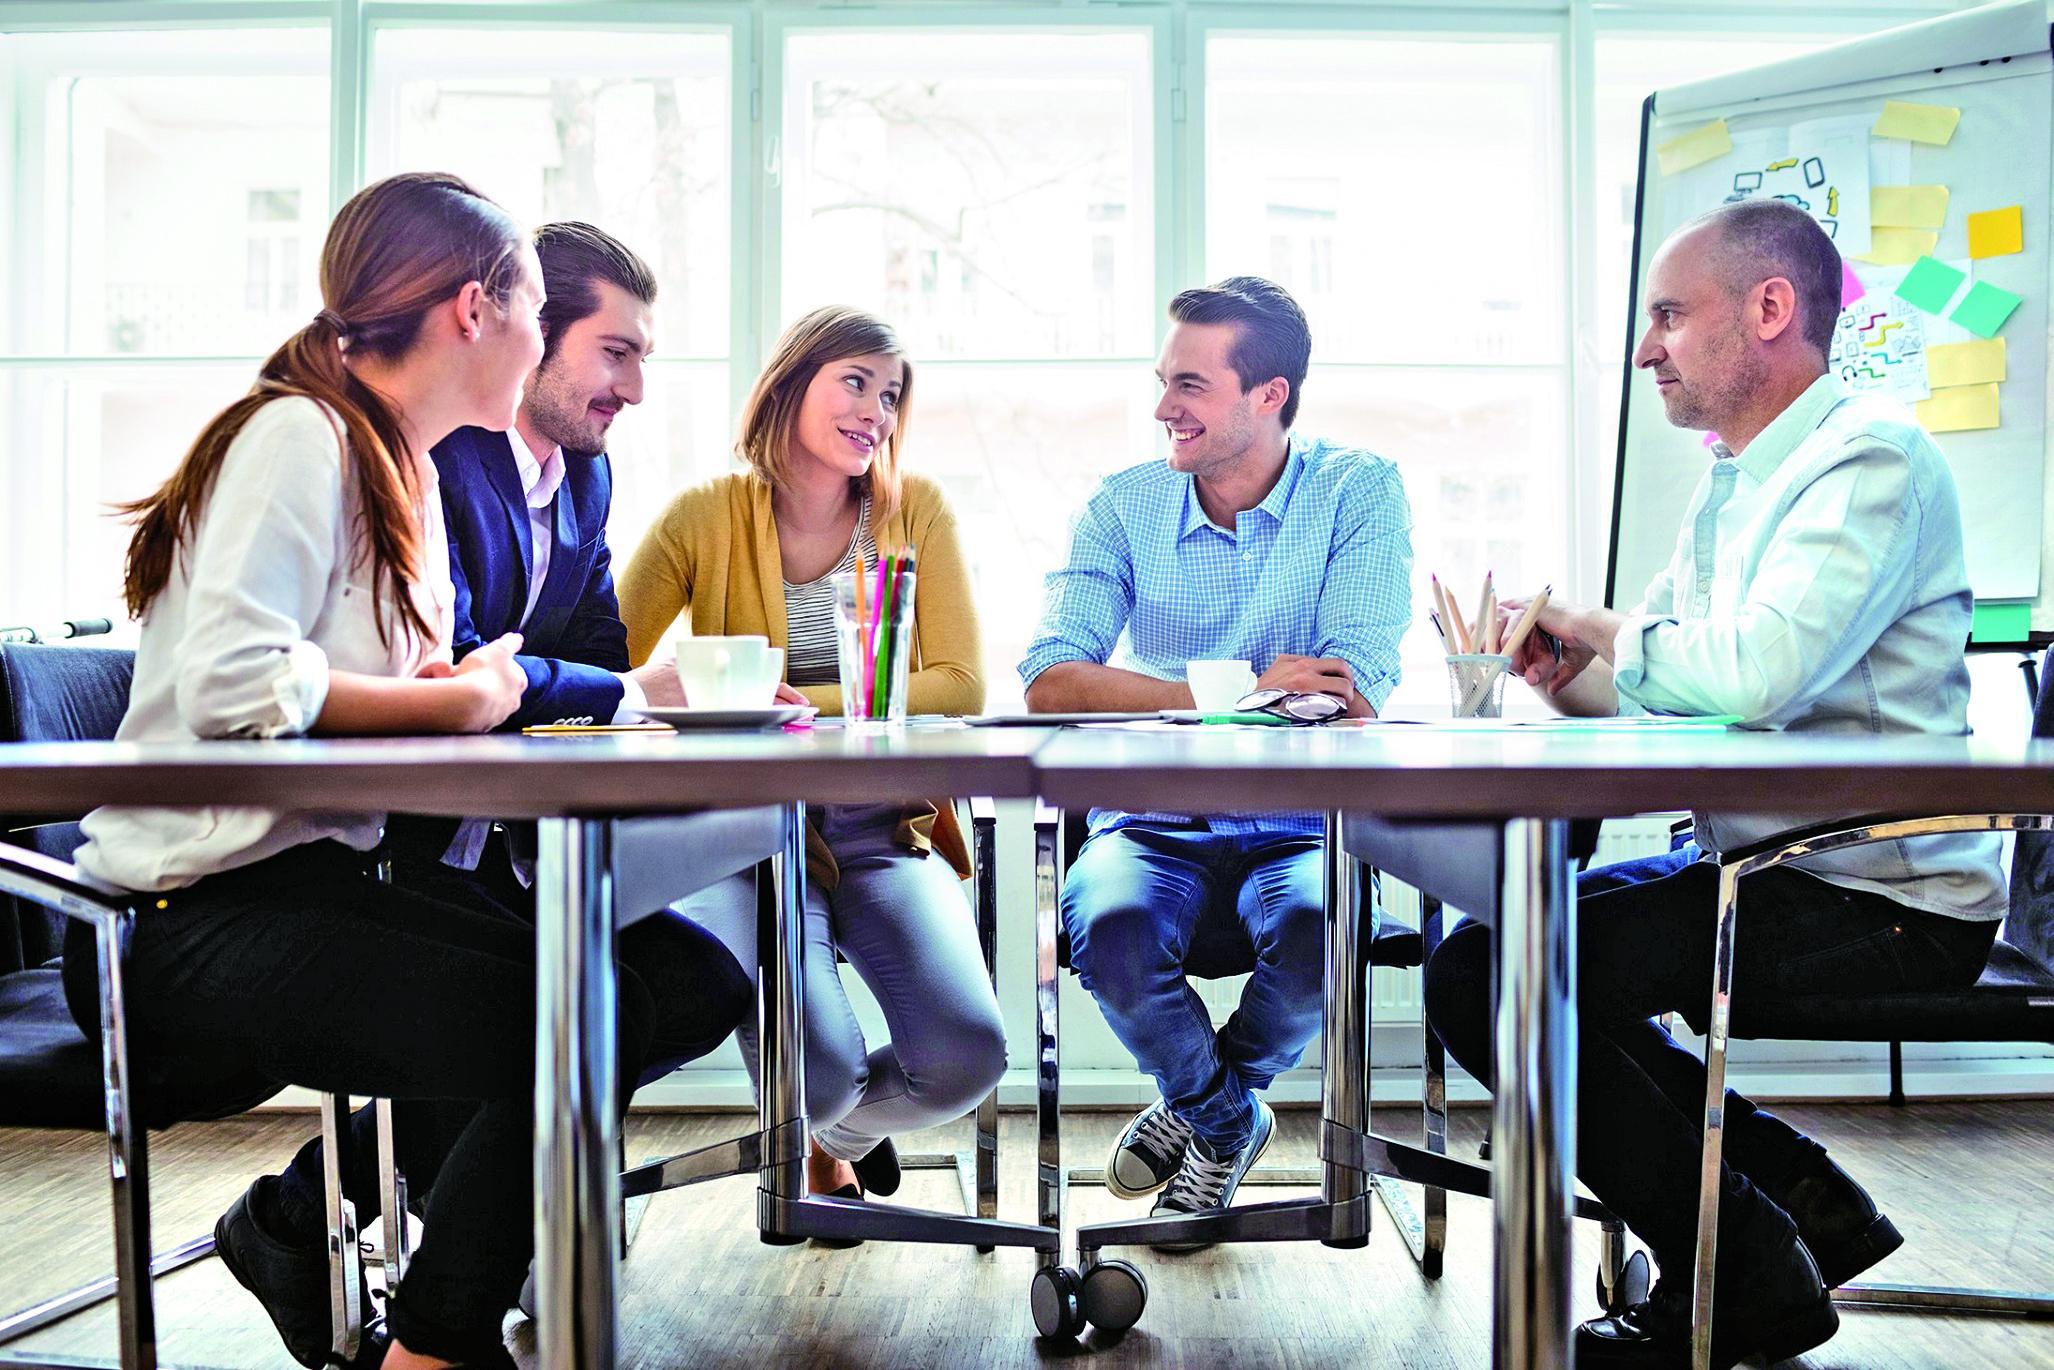 培養良好的溝通能力